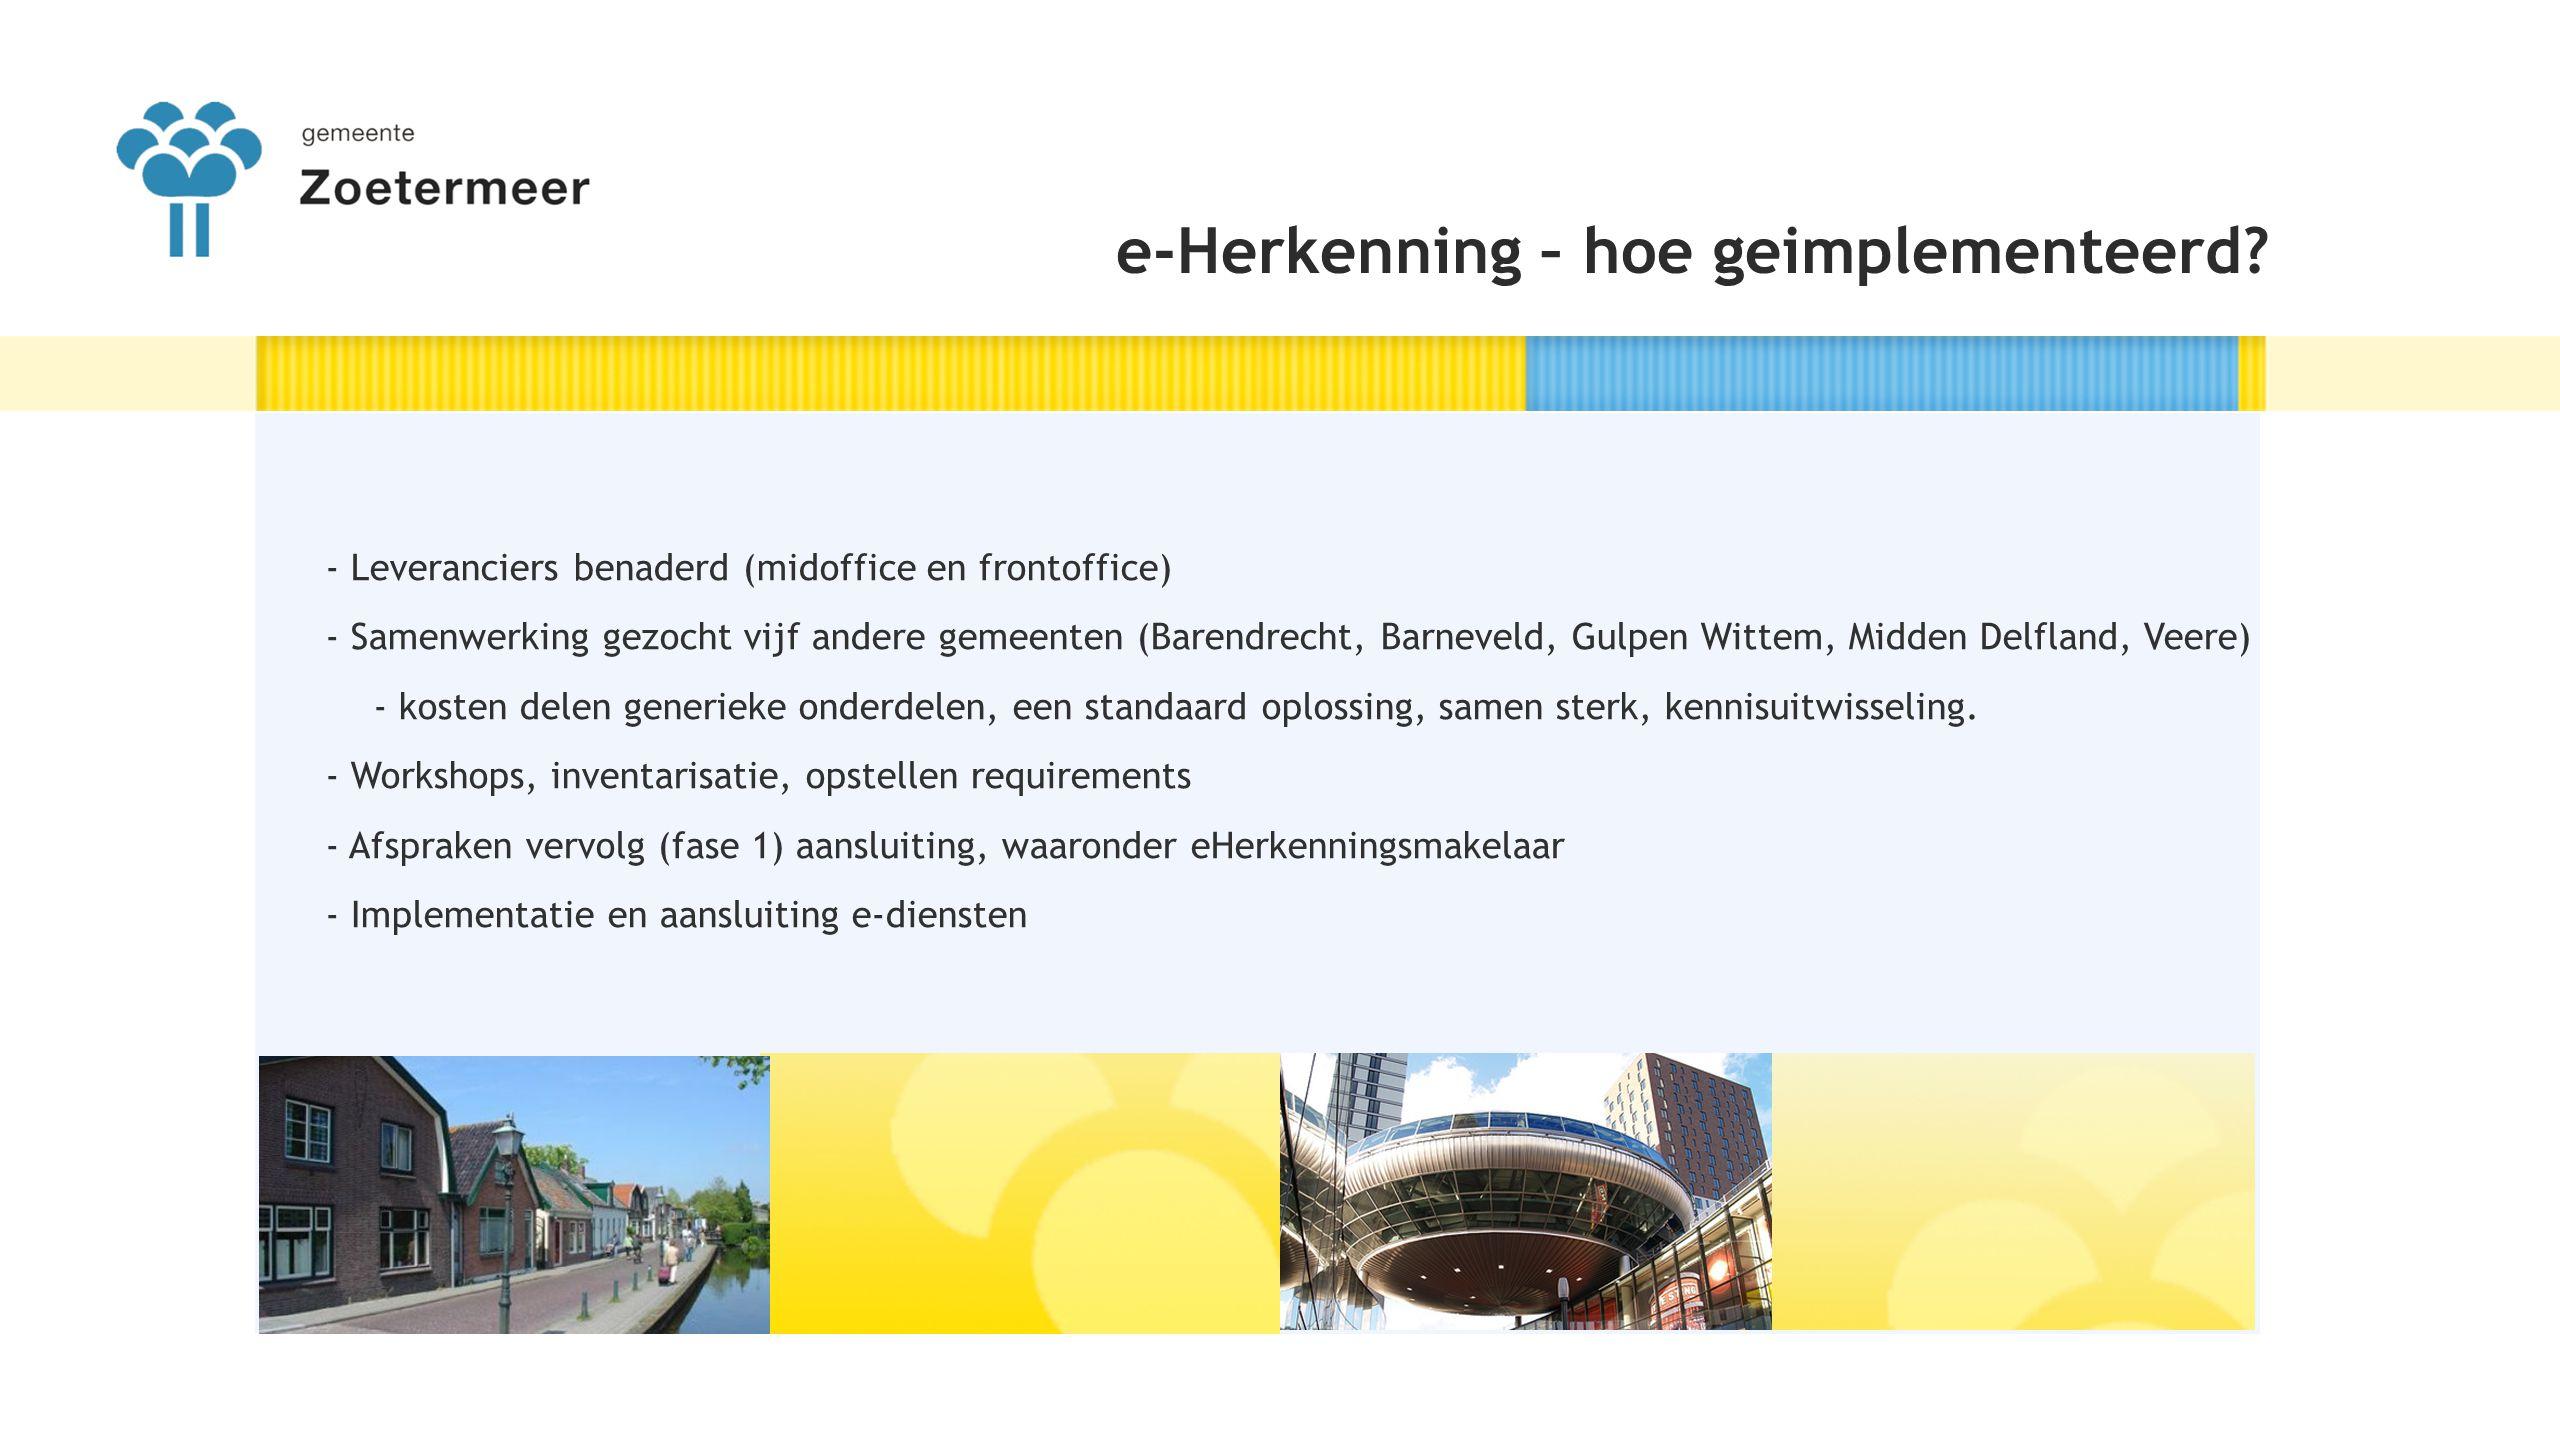 De koppeling met eHerkenning is gerealiseerd - Eerste 11 producten 'live' op www.zoetermeer.nl - Zoetermeer ondersteunt niveau 1 en 2 - Gebruiken een generieke aansluiting: alle bestaande e-diensten geschikt voor eHerkenning -Fase 2 gestart met de vijf gemeenten - Prefill, Mijn Zoetermeer - Communicatieplan - Samenwerking regio Haaglanden VOG e-Herkenning - Stand van vandaag 1.Algemeen bezwaar 2.Bezwaar bouwvergunning 3.Afspraak inzage bouwarchief 4.Melding evenement 5.Aanvraag evenementenvergunning 6.Melding informatiekraam 7.Aanvraag loterijvergunning 8.Aanvraag standplaatsvergunning 9.Aanvraag subsidie oud papier 10.Aanvraag rioolaansluiting 11.Melding terrasexploitatie